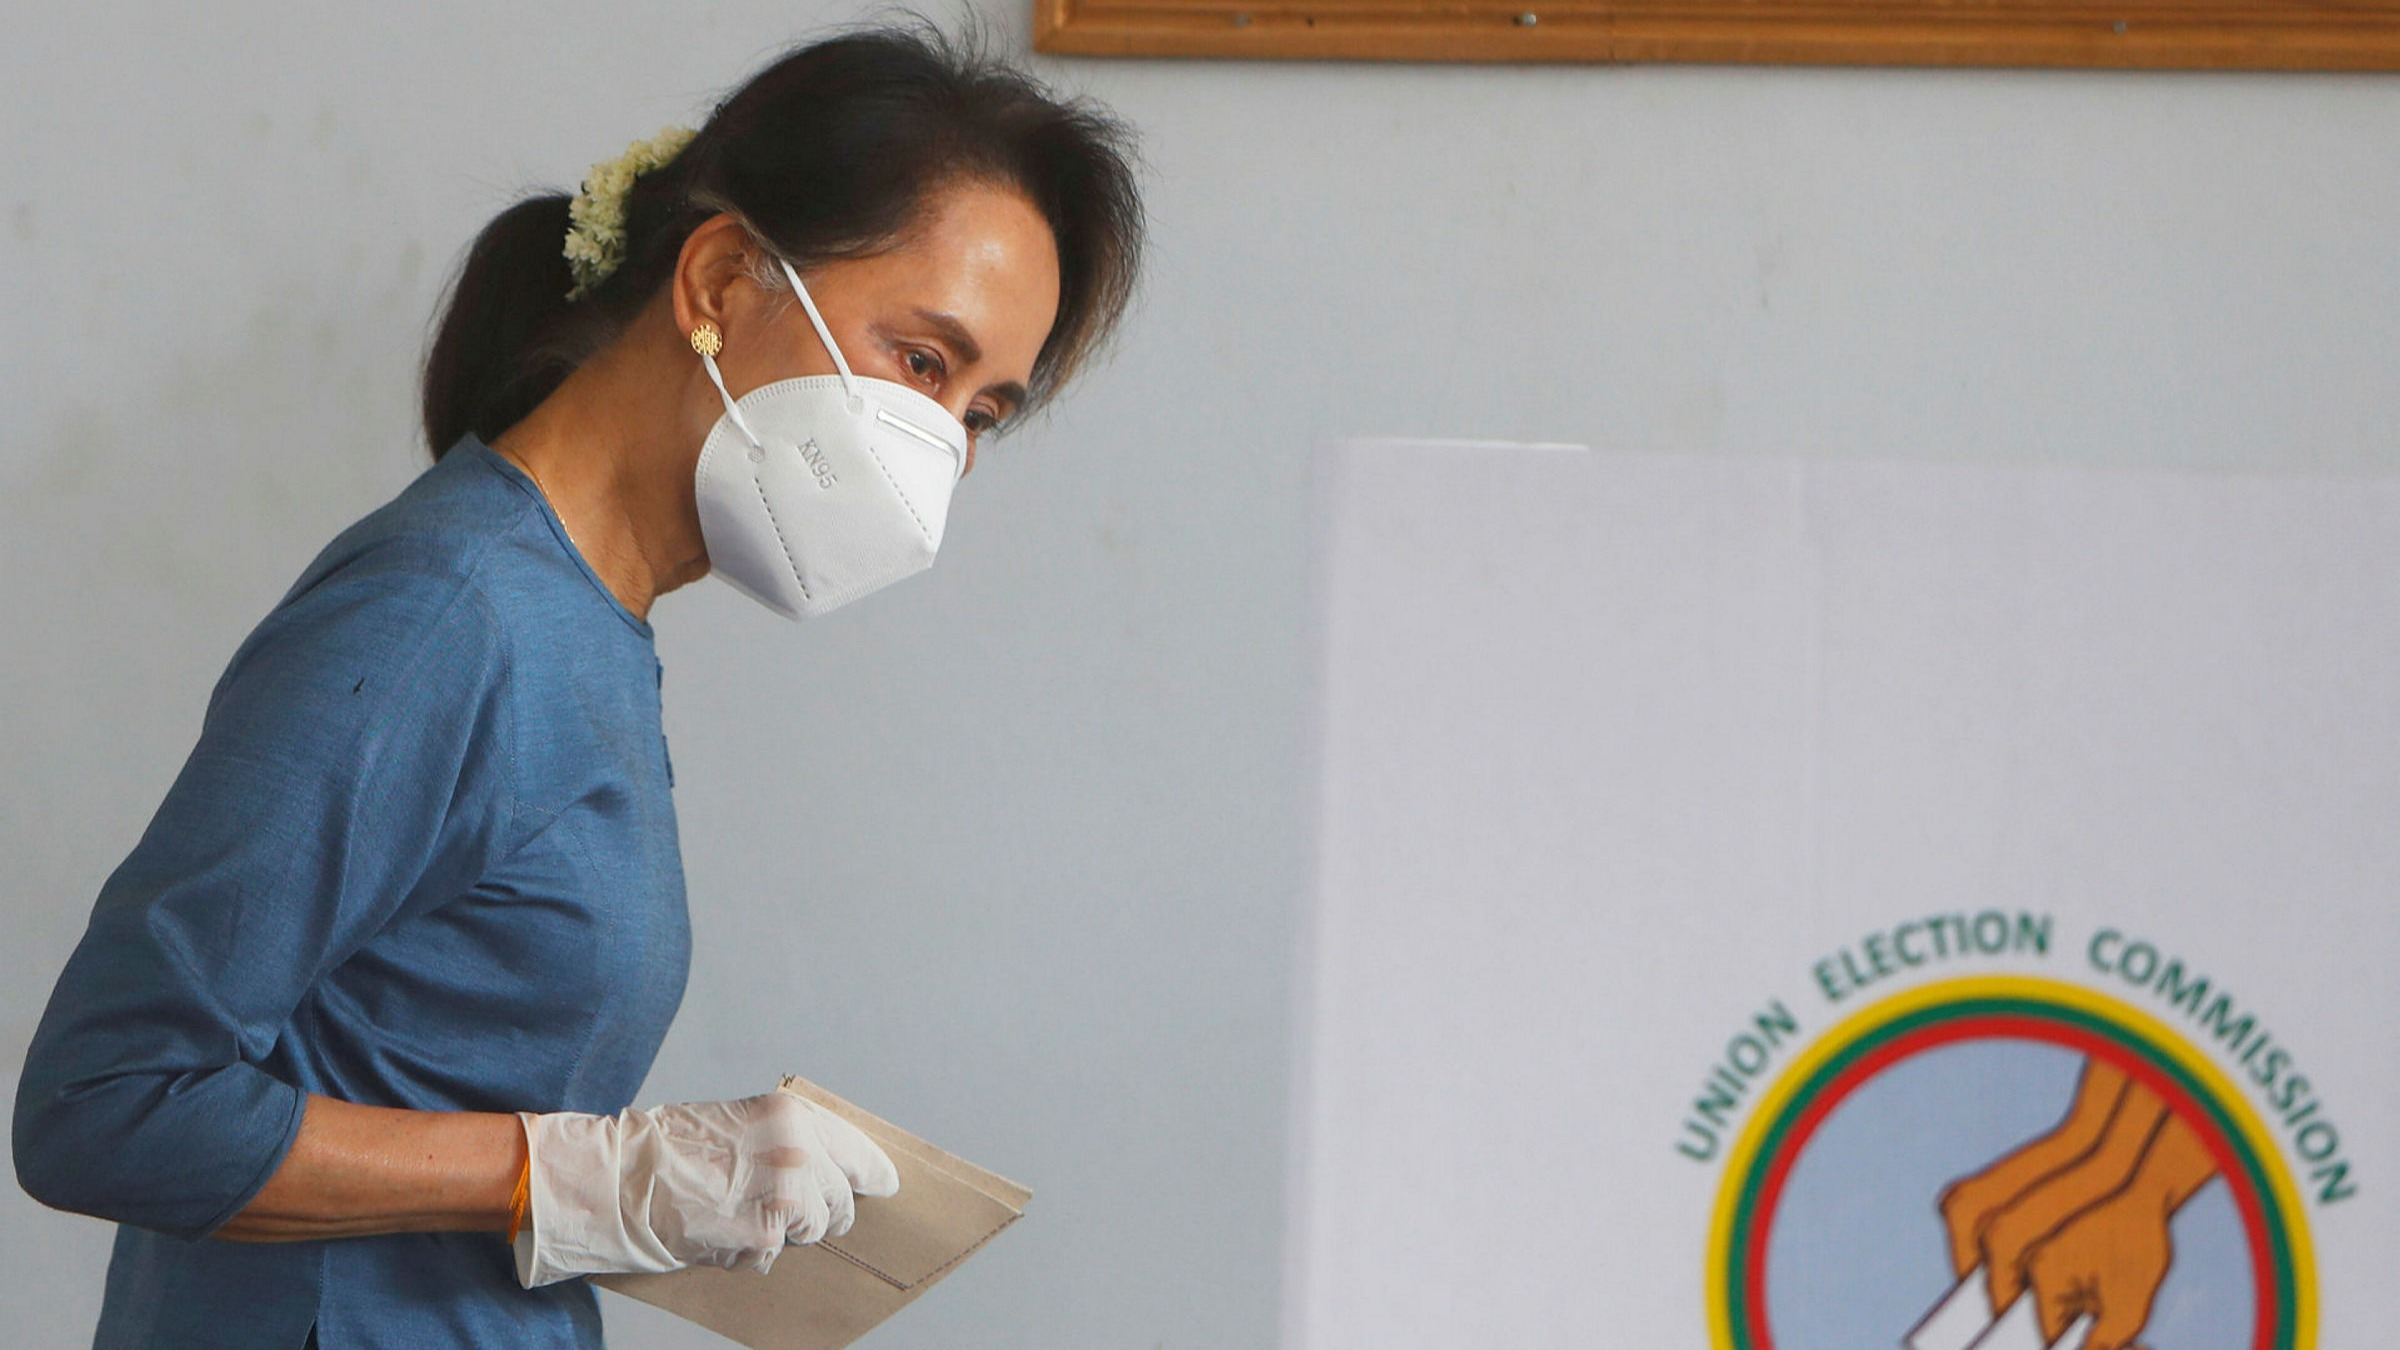 La Première ministre birmane de facto Aung San Suu Kyi a voté en avance, le 29 octobre 2020 dans la capitale Naypyidaw, plus d'une semaine avant le scrutin du 8 novembre. (Source : FT)